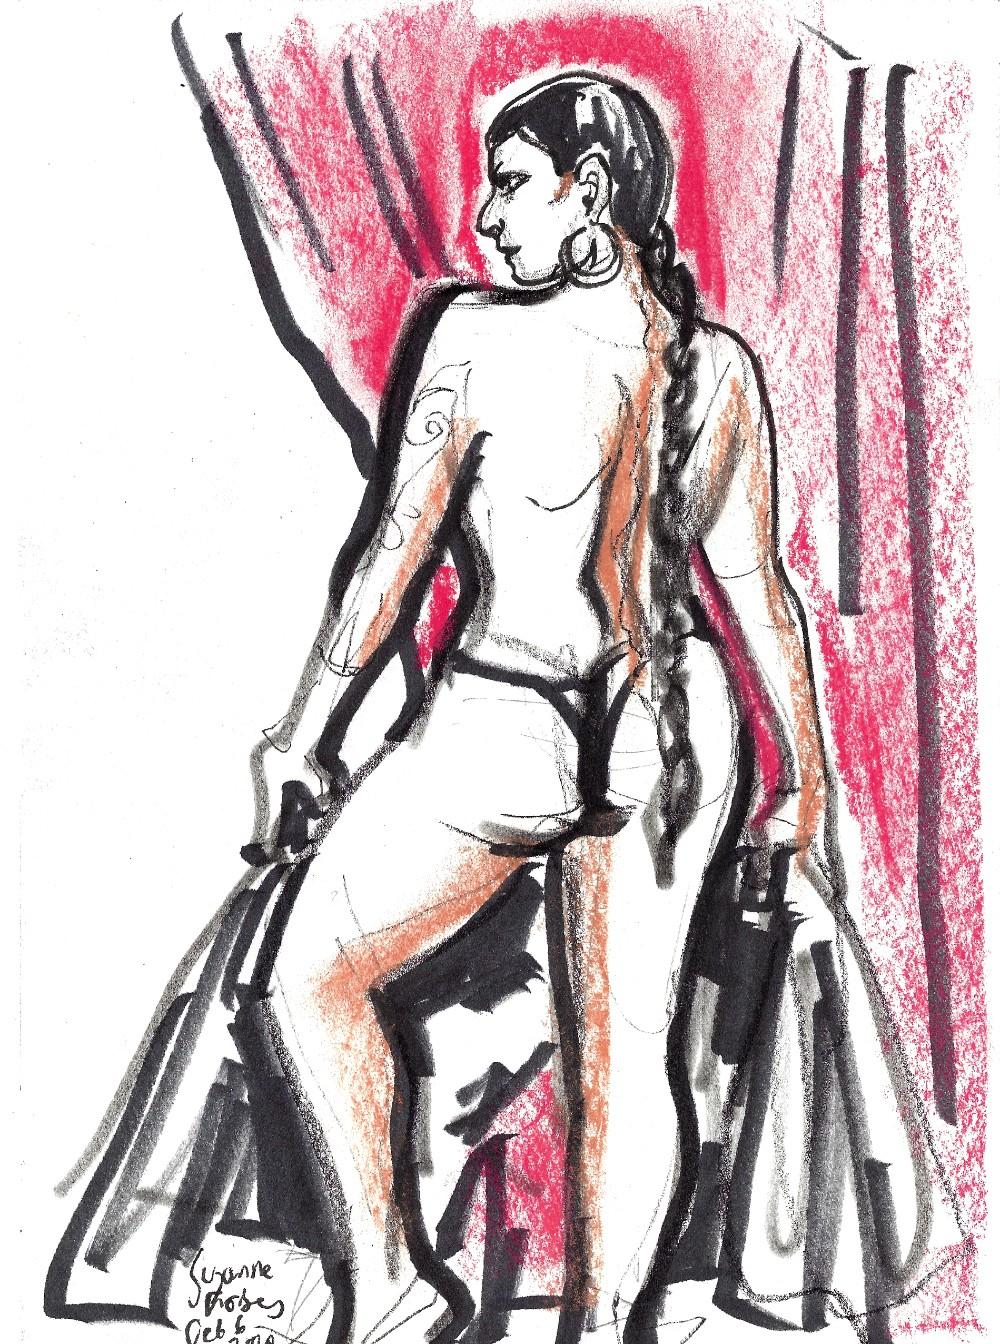 Valentina Demonia at Zum Starken August by Suzanne Forbes Oct 6 2020 3min